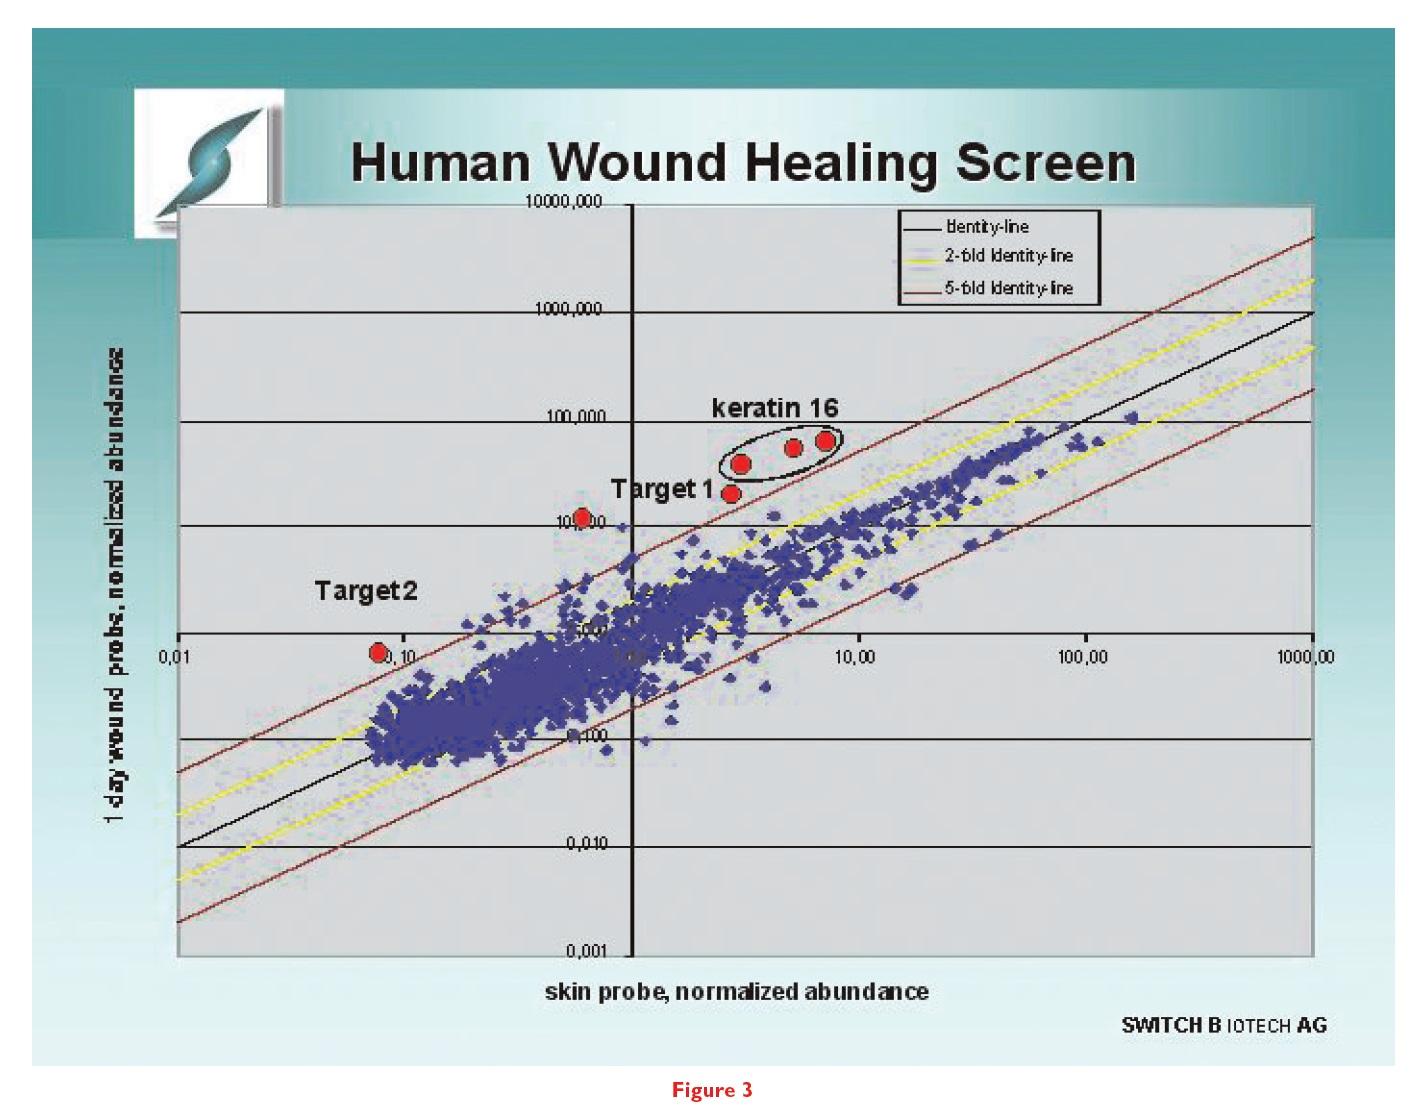 Figure 3 Human wound healing screen